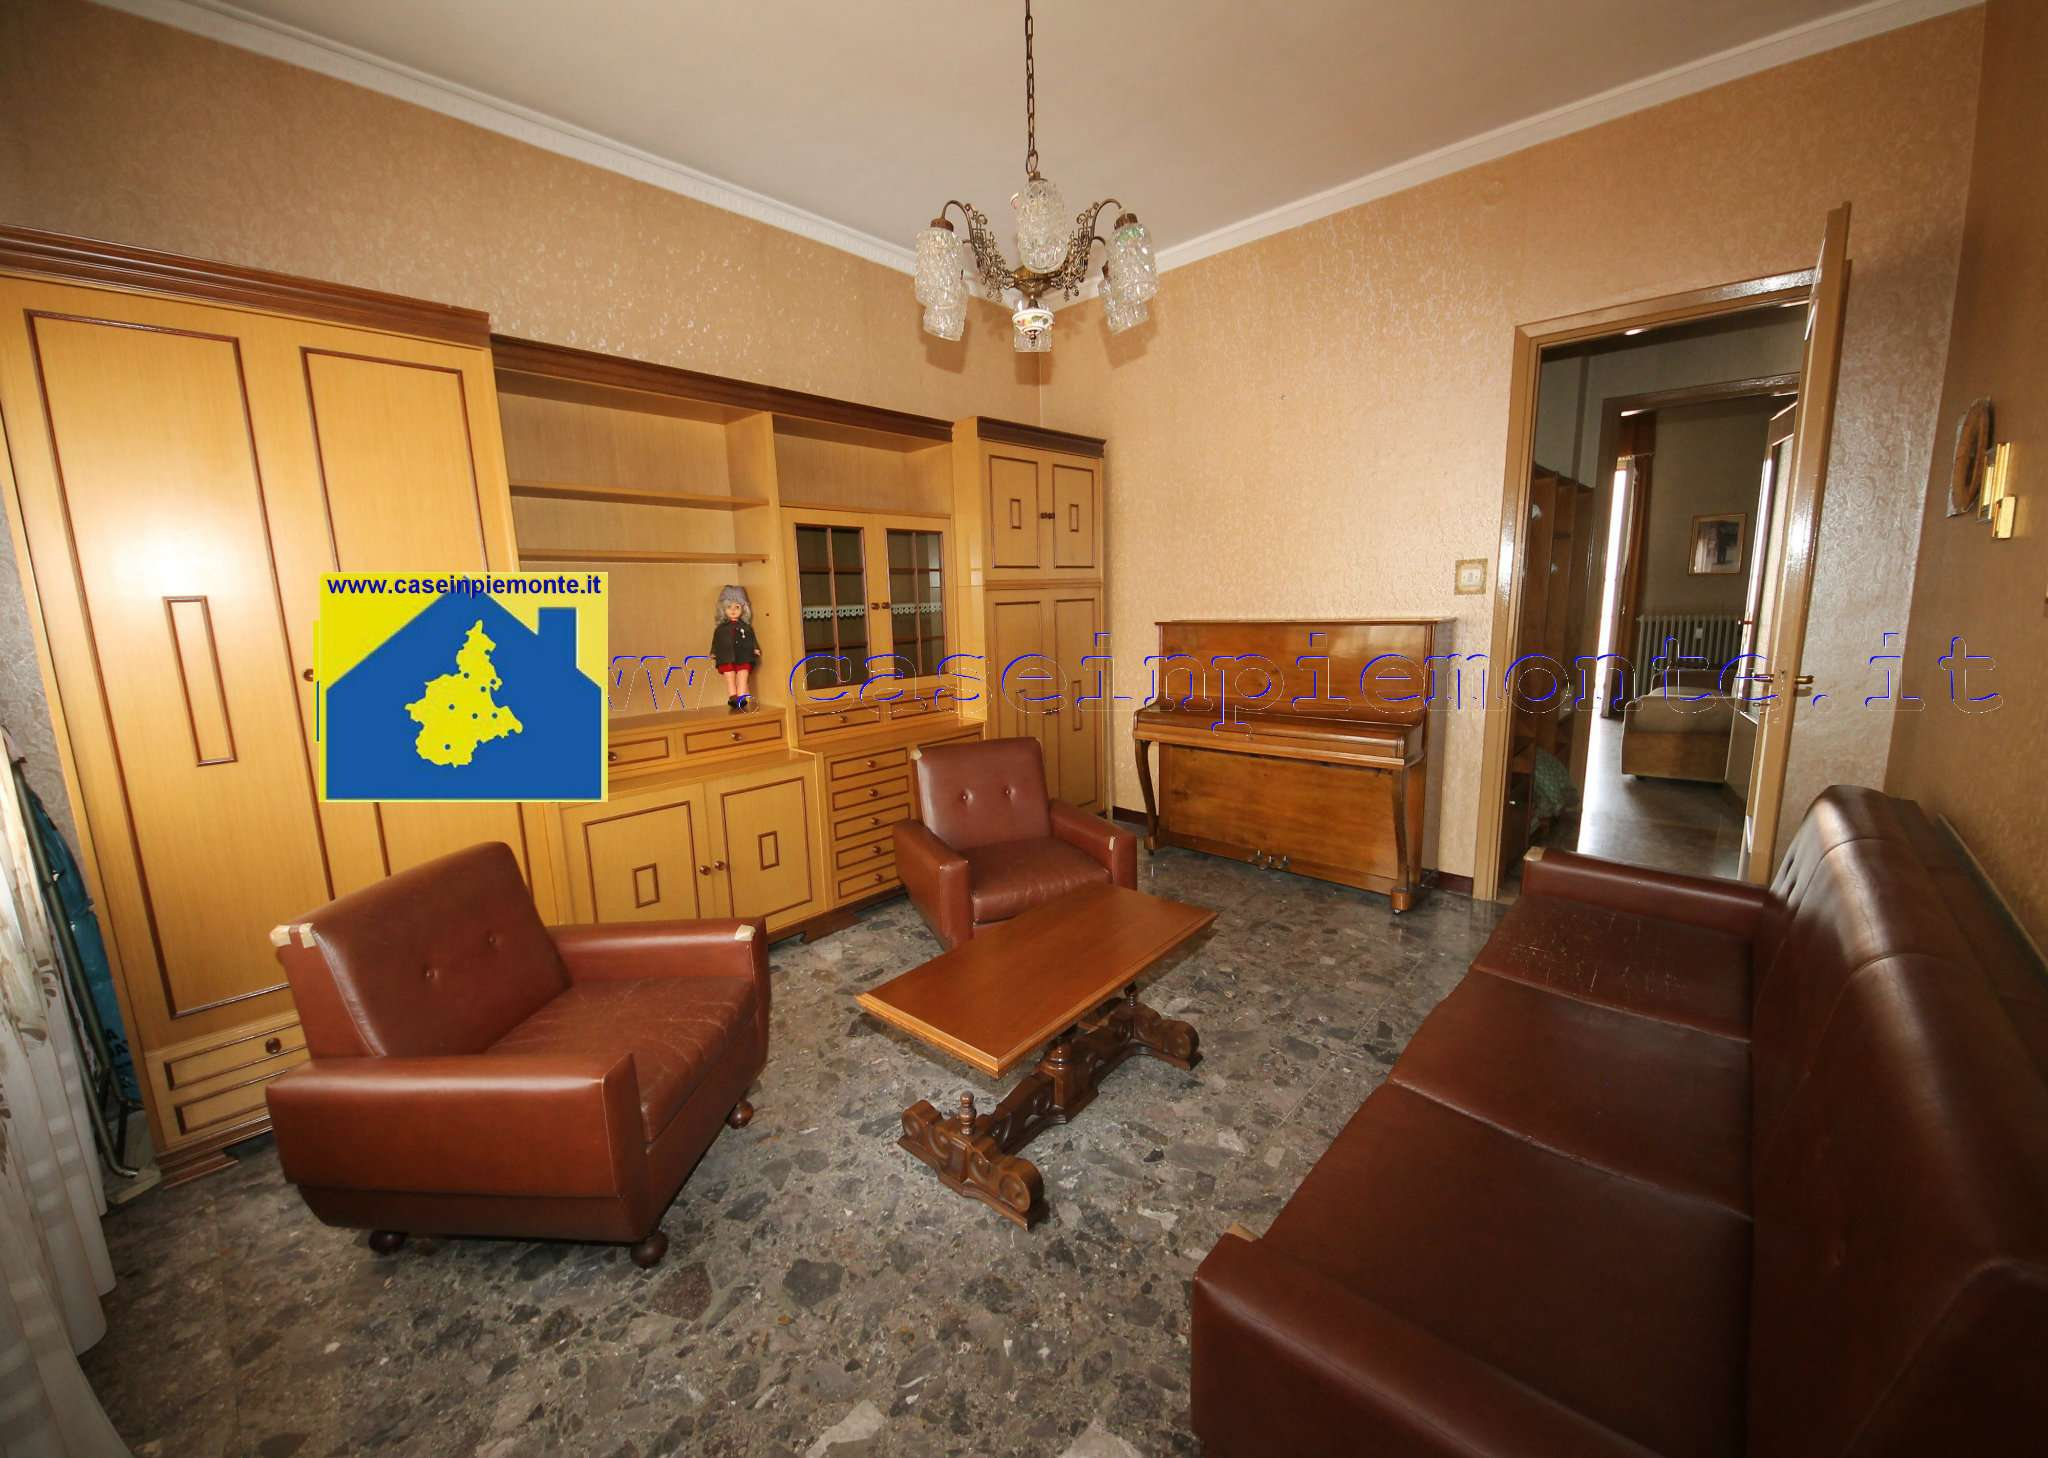 Appartamento in vendita a Alpignano, 4 locali, prezzo € 109.000 | CambioCasa.it